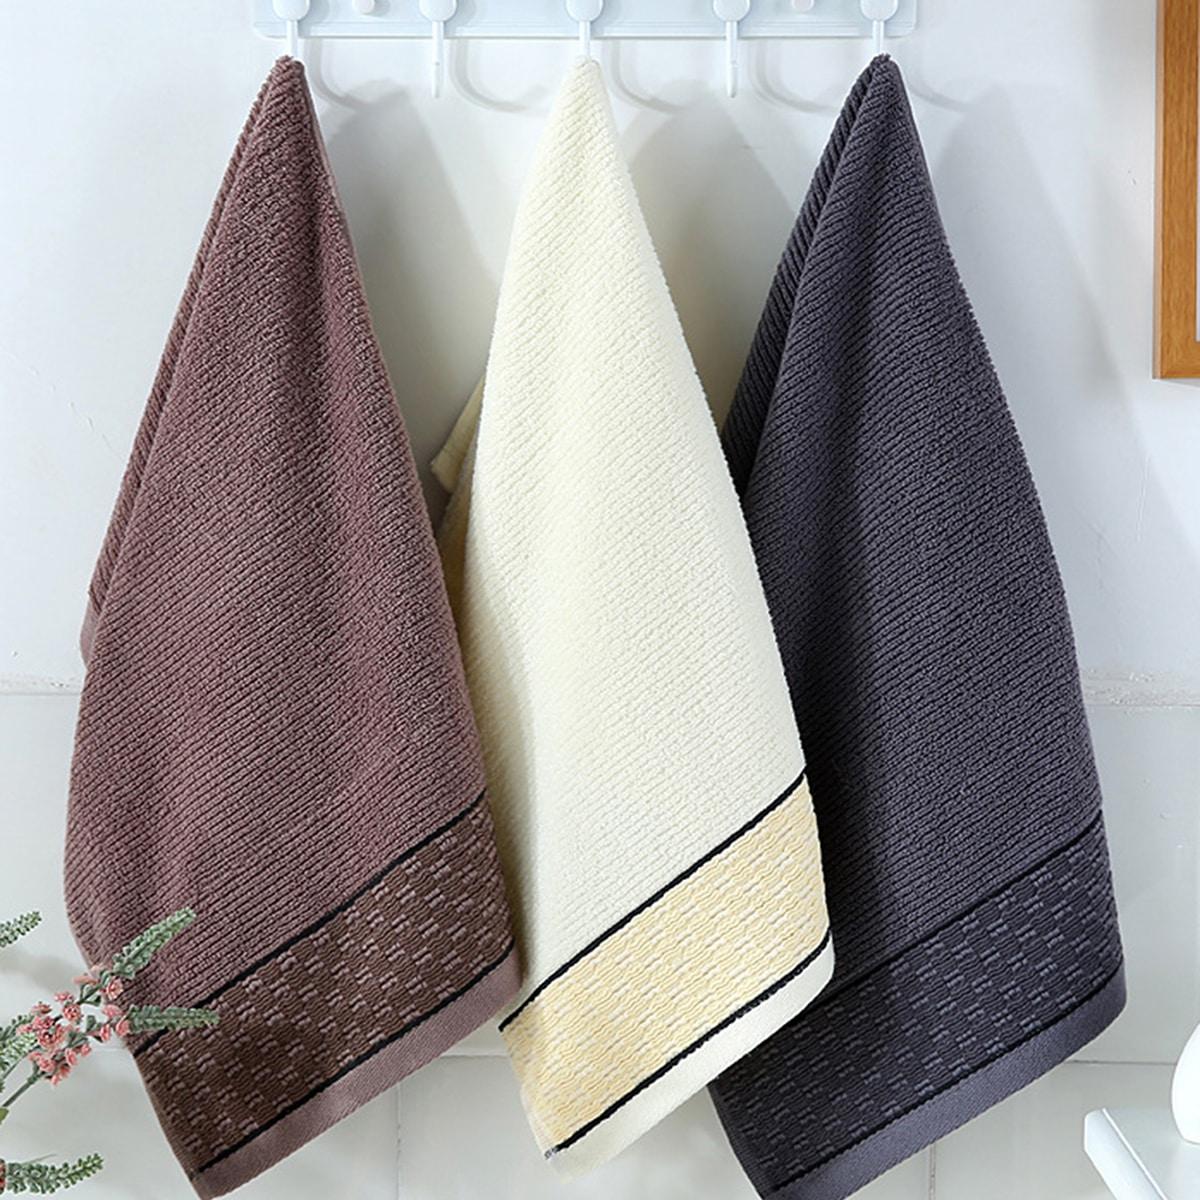 1pc willekeurig patroon handdoek